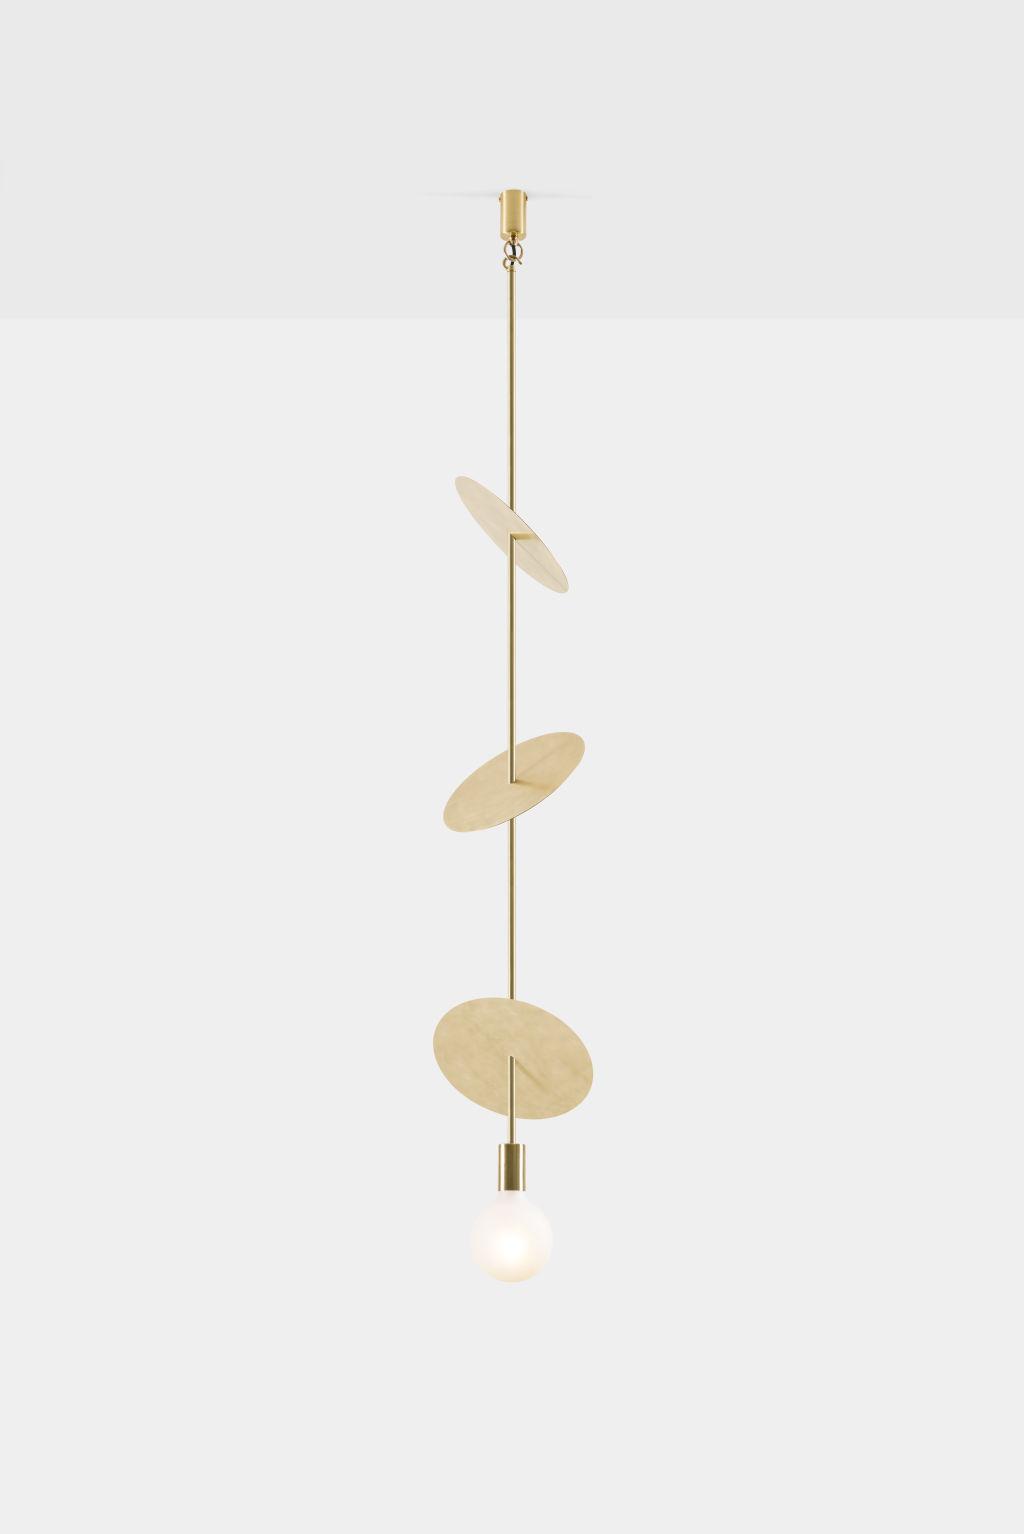 Flipside Double Pendant by Volker Haug Studio NOT FOR REUSE